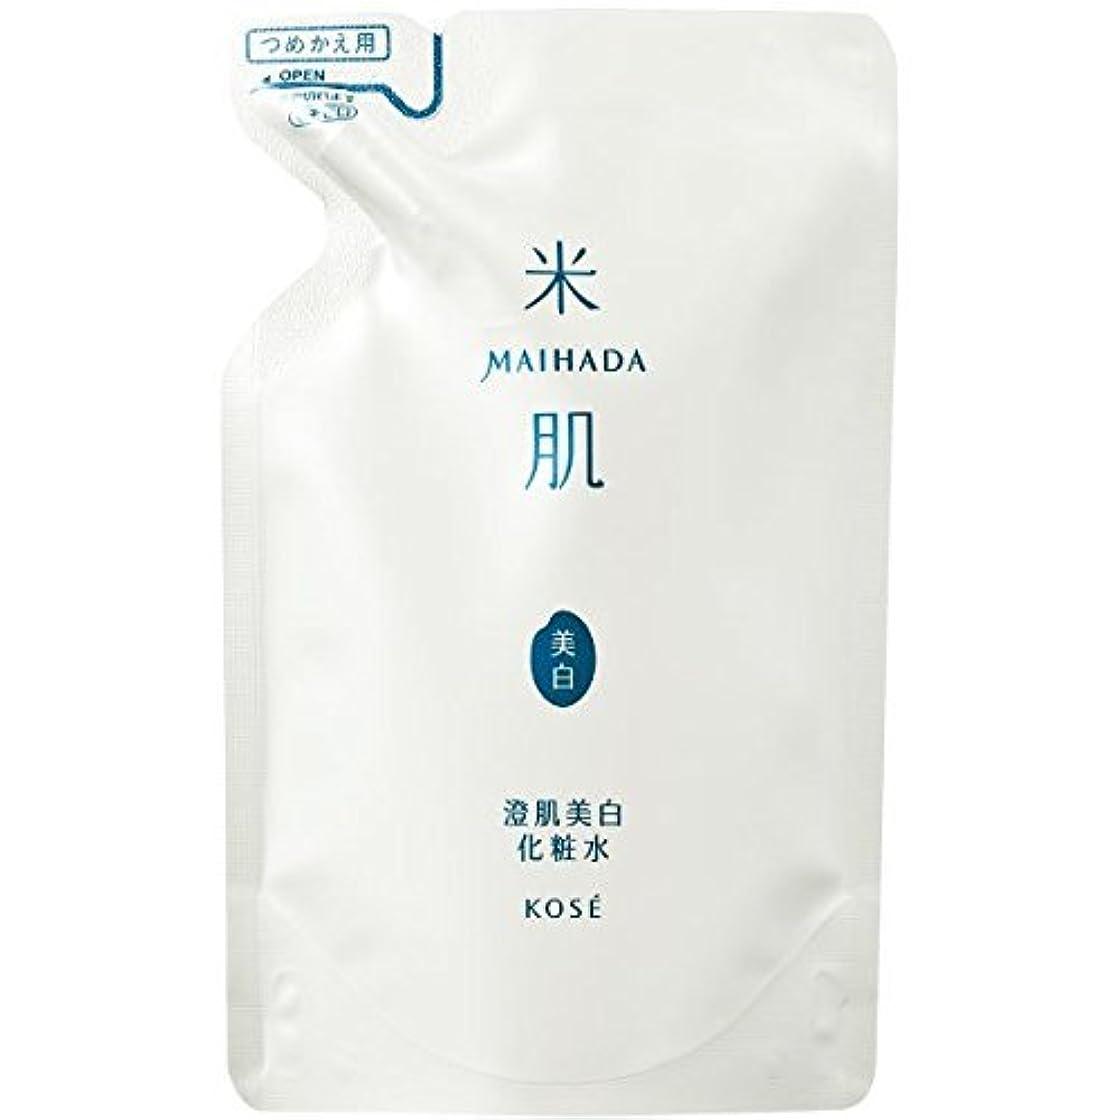 混乱したエネルギースカープ米肌 澄肌美白化粧水 つめかえ用